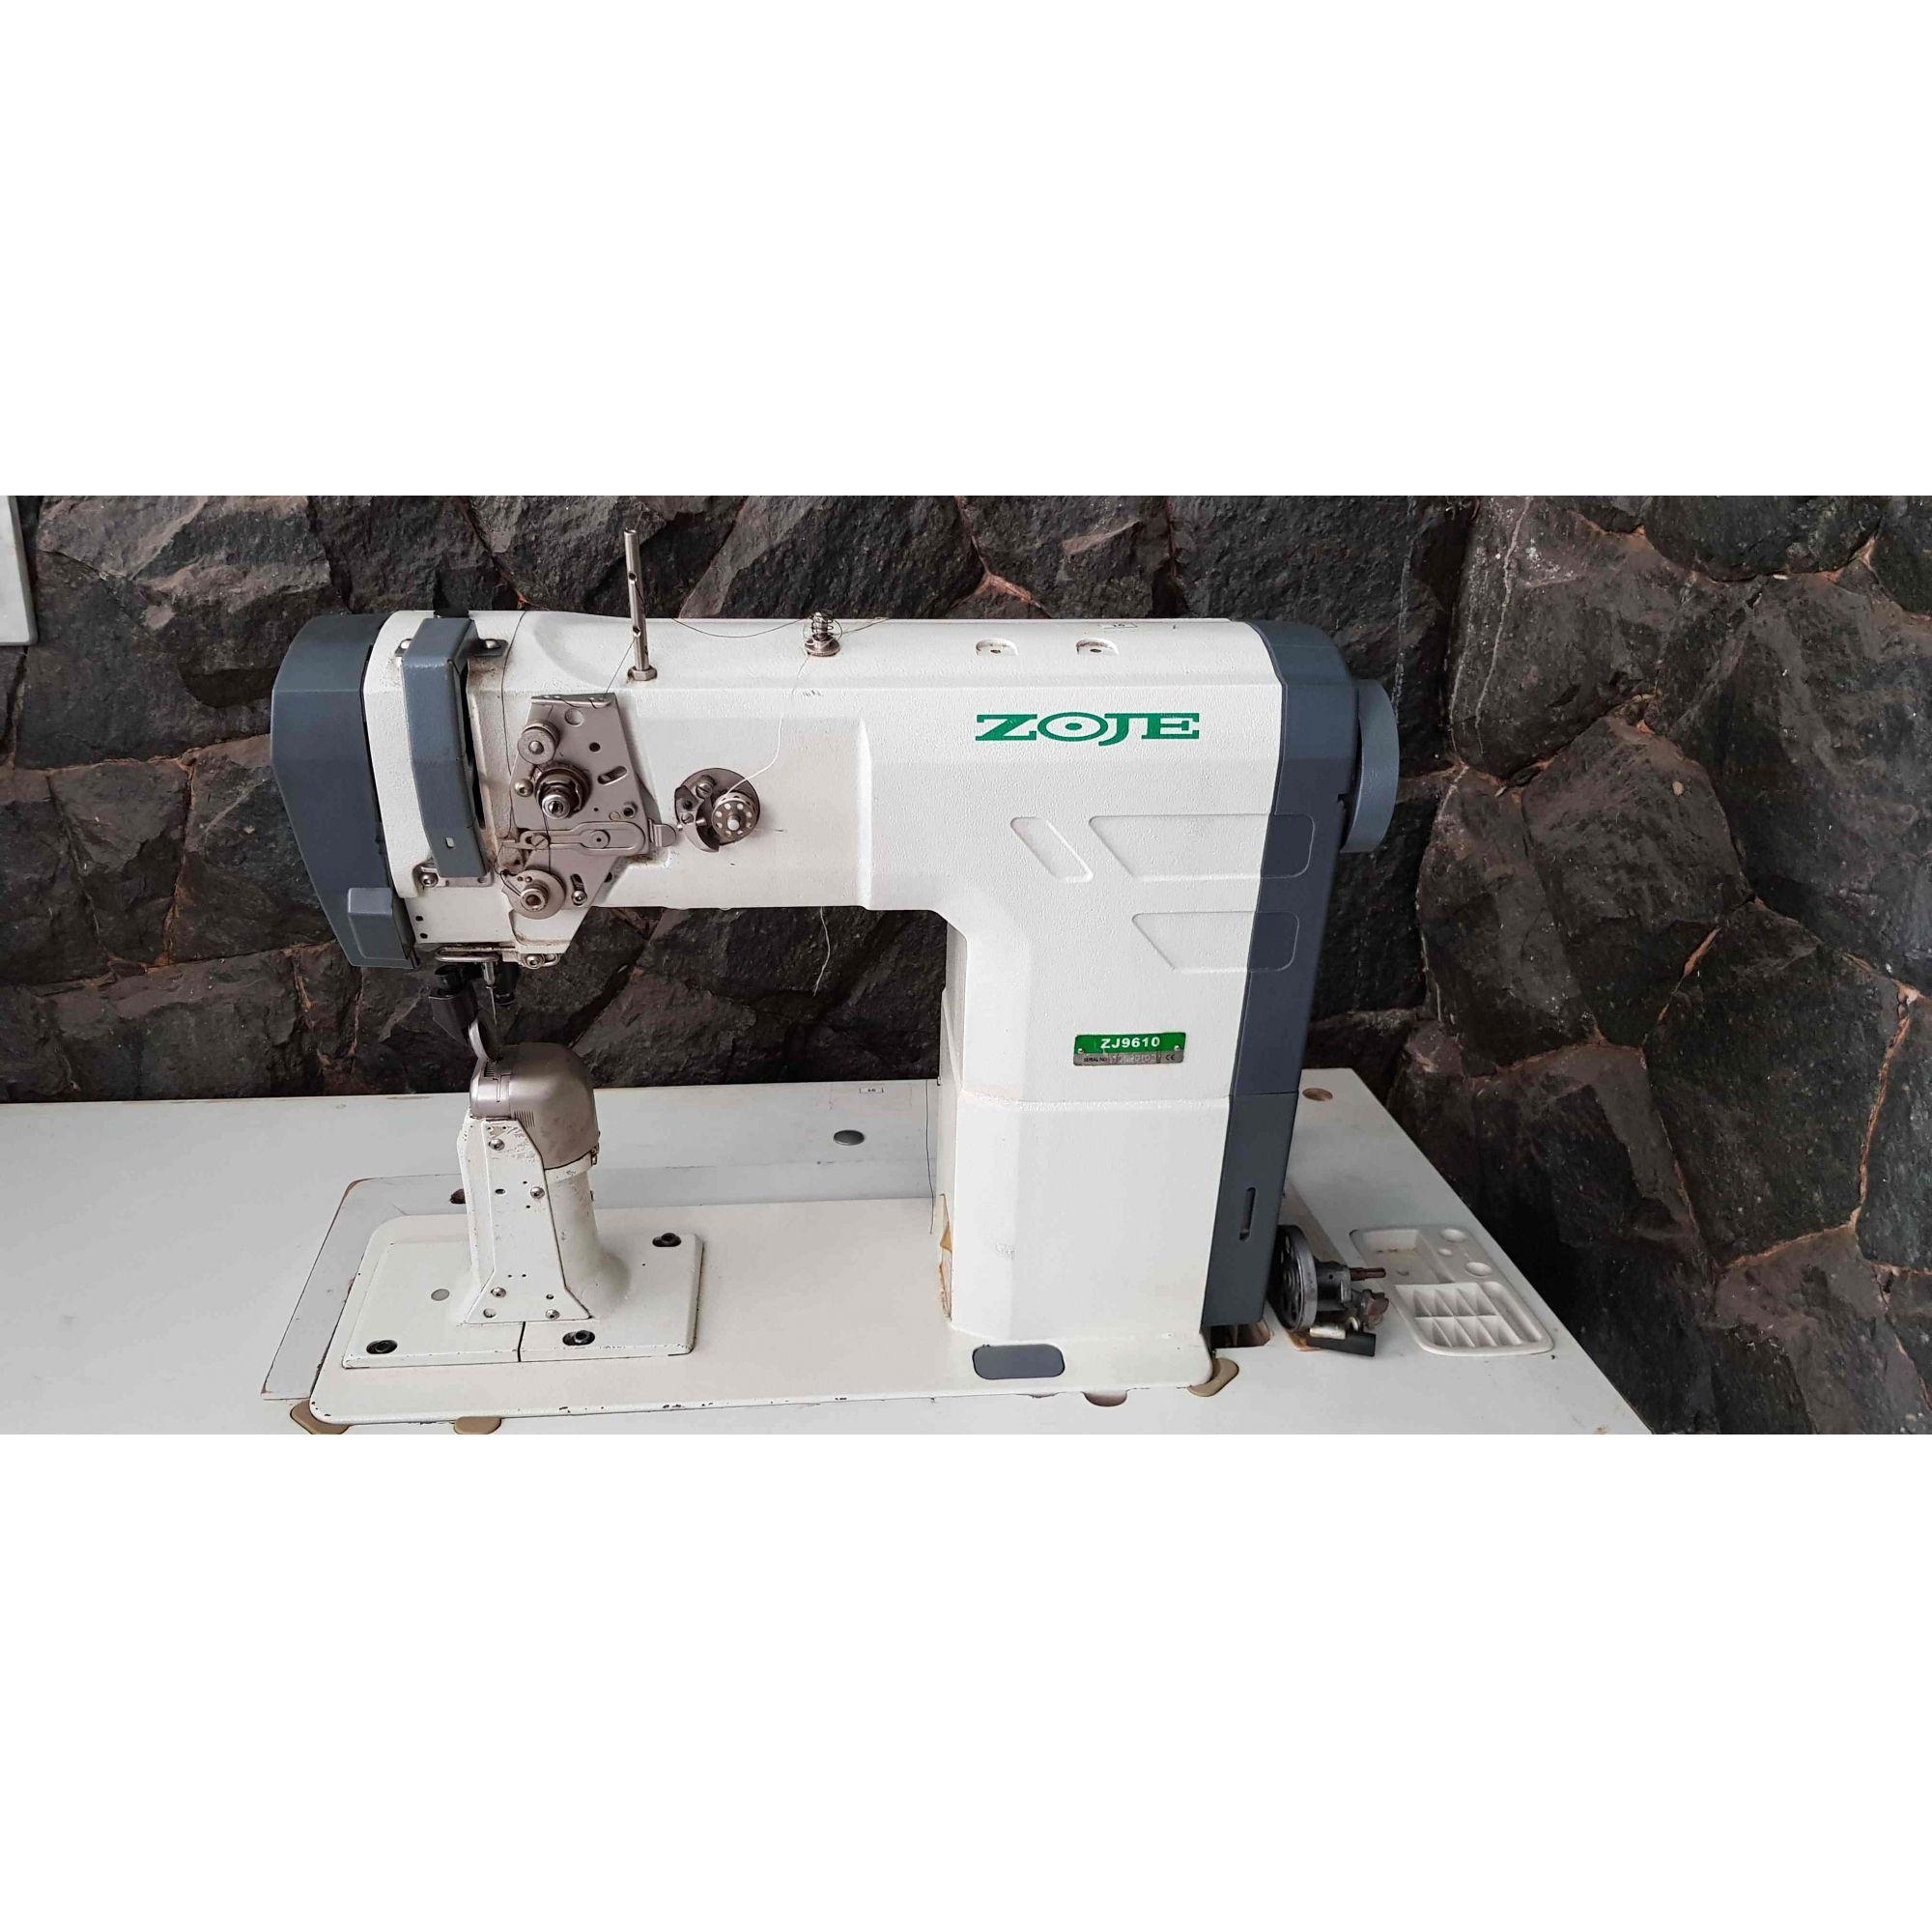 ZOJE - COLUNA TRANSPORTE TRIPLO USADA  - BH Máquinas de Costura